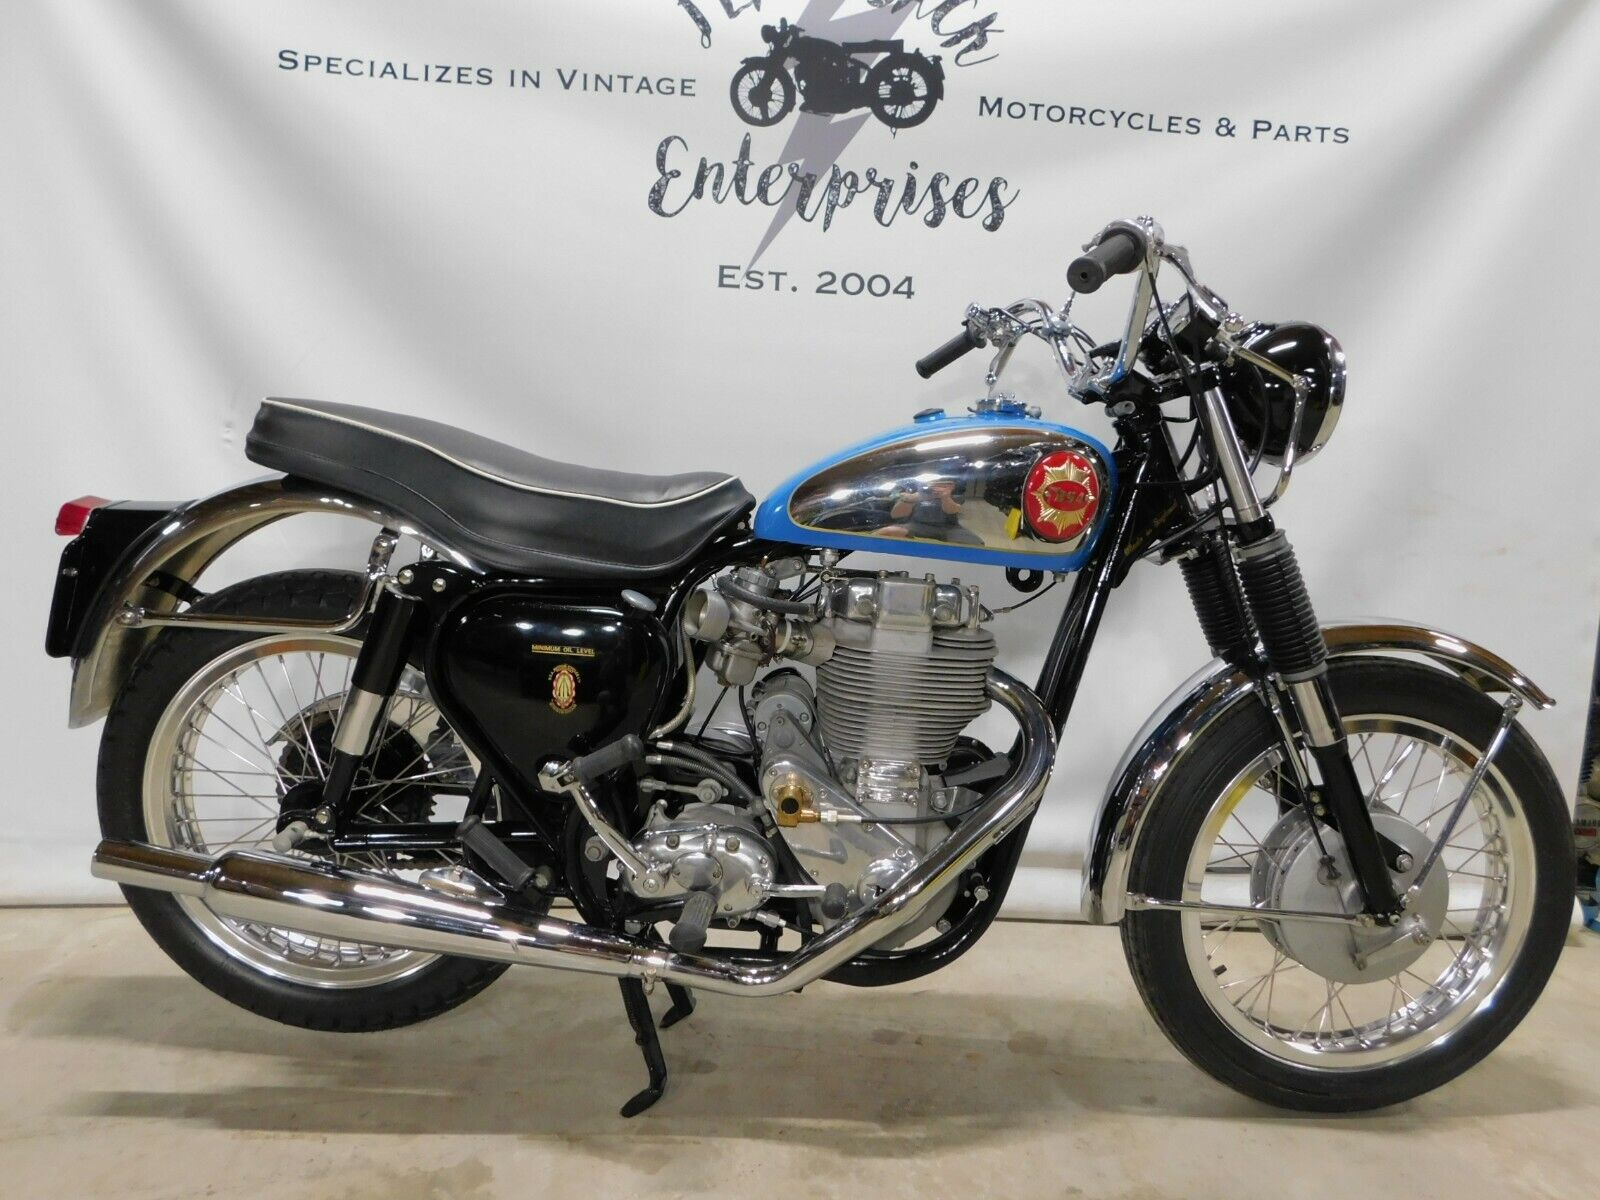 1960 BSA DBD 34 Goldstar 500  1960 BSA DBD 34 Goldstar 500